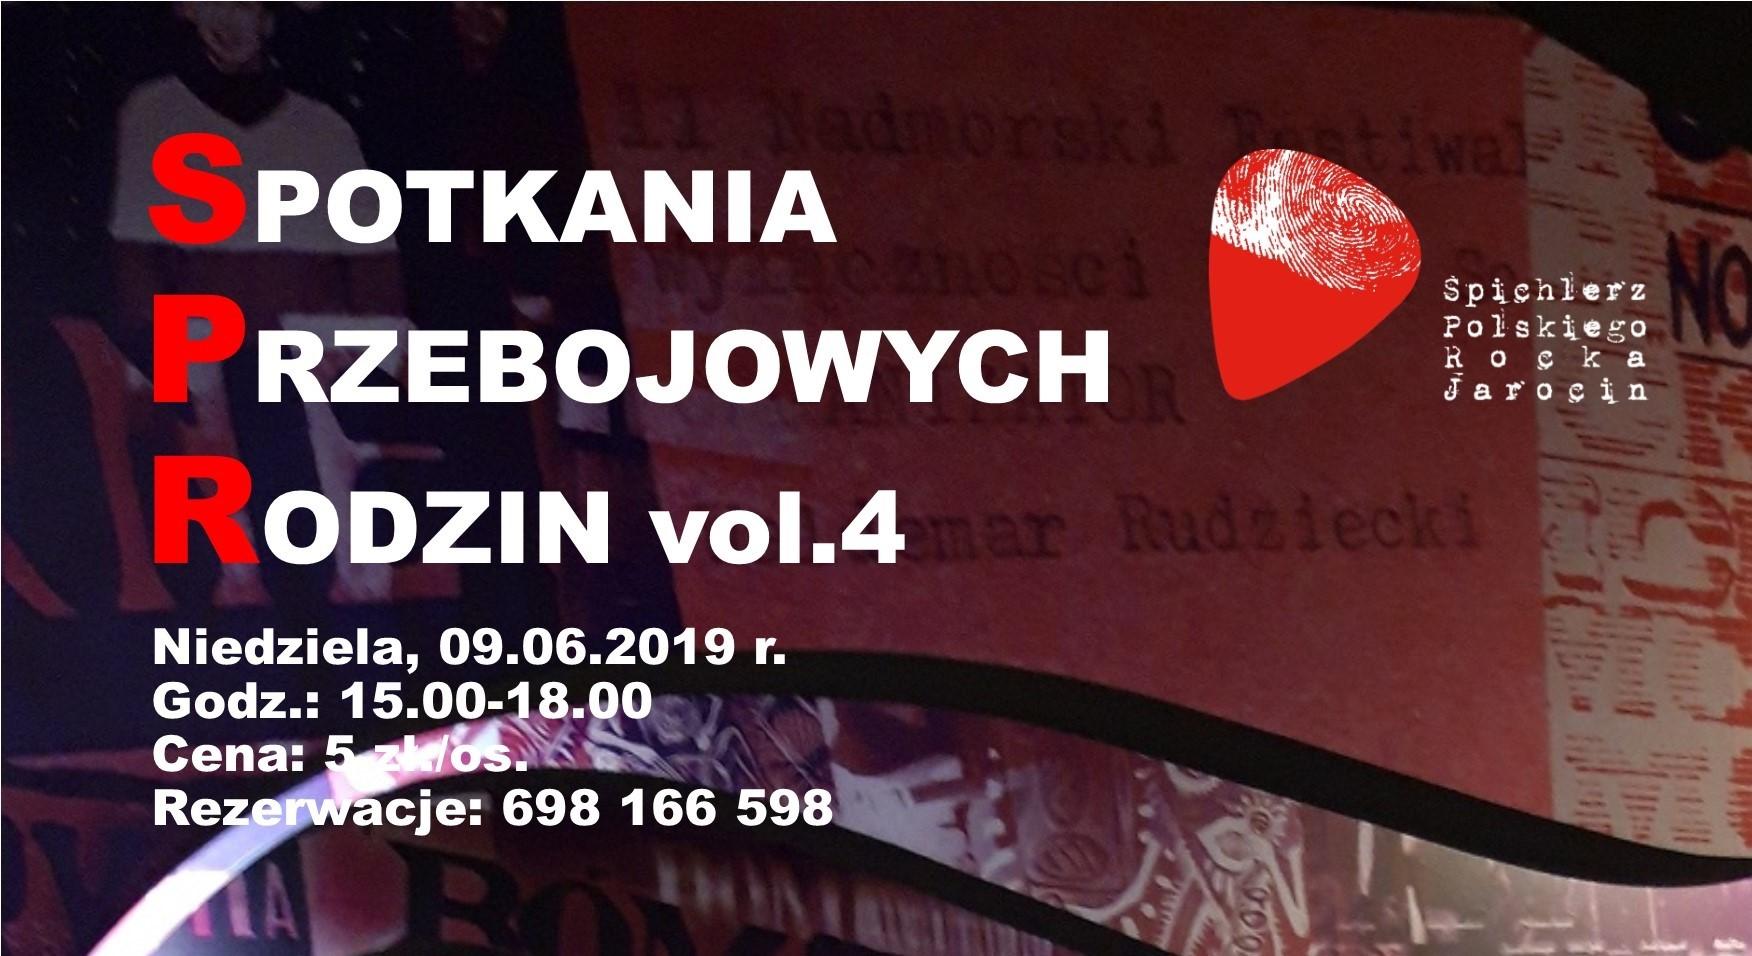 Spotkania Przebojowych Rodzin vol. 4!